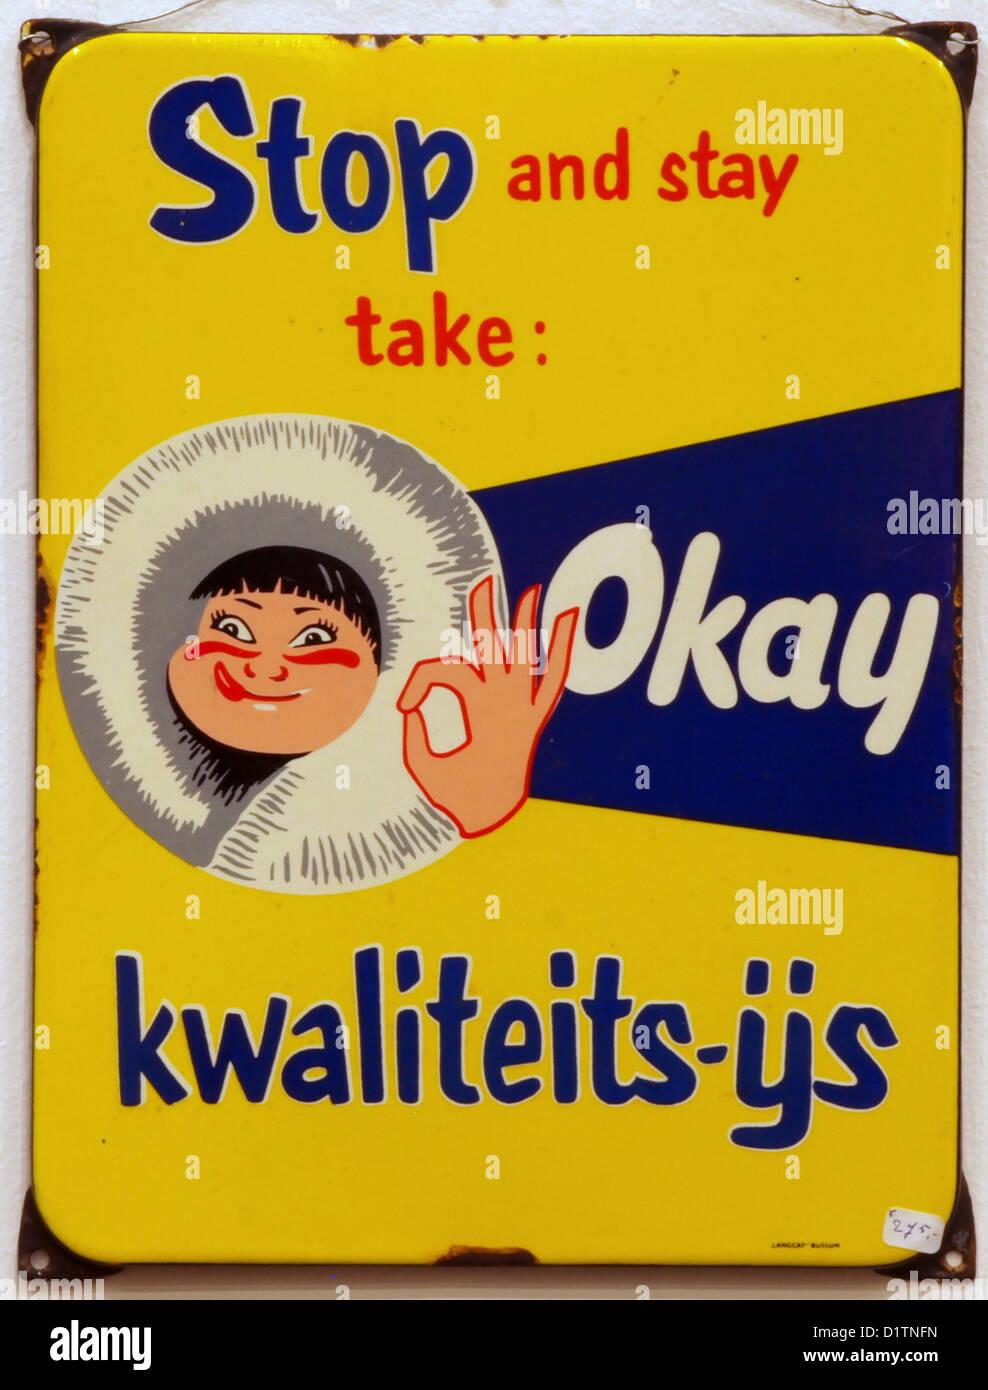 Enamel advert, STOP and stay take Okay, kwaliteits-ijs - Stock Image